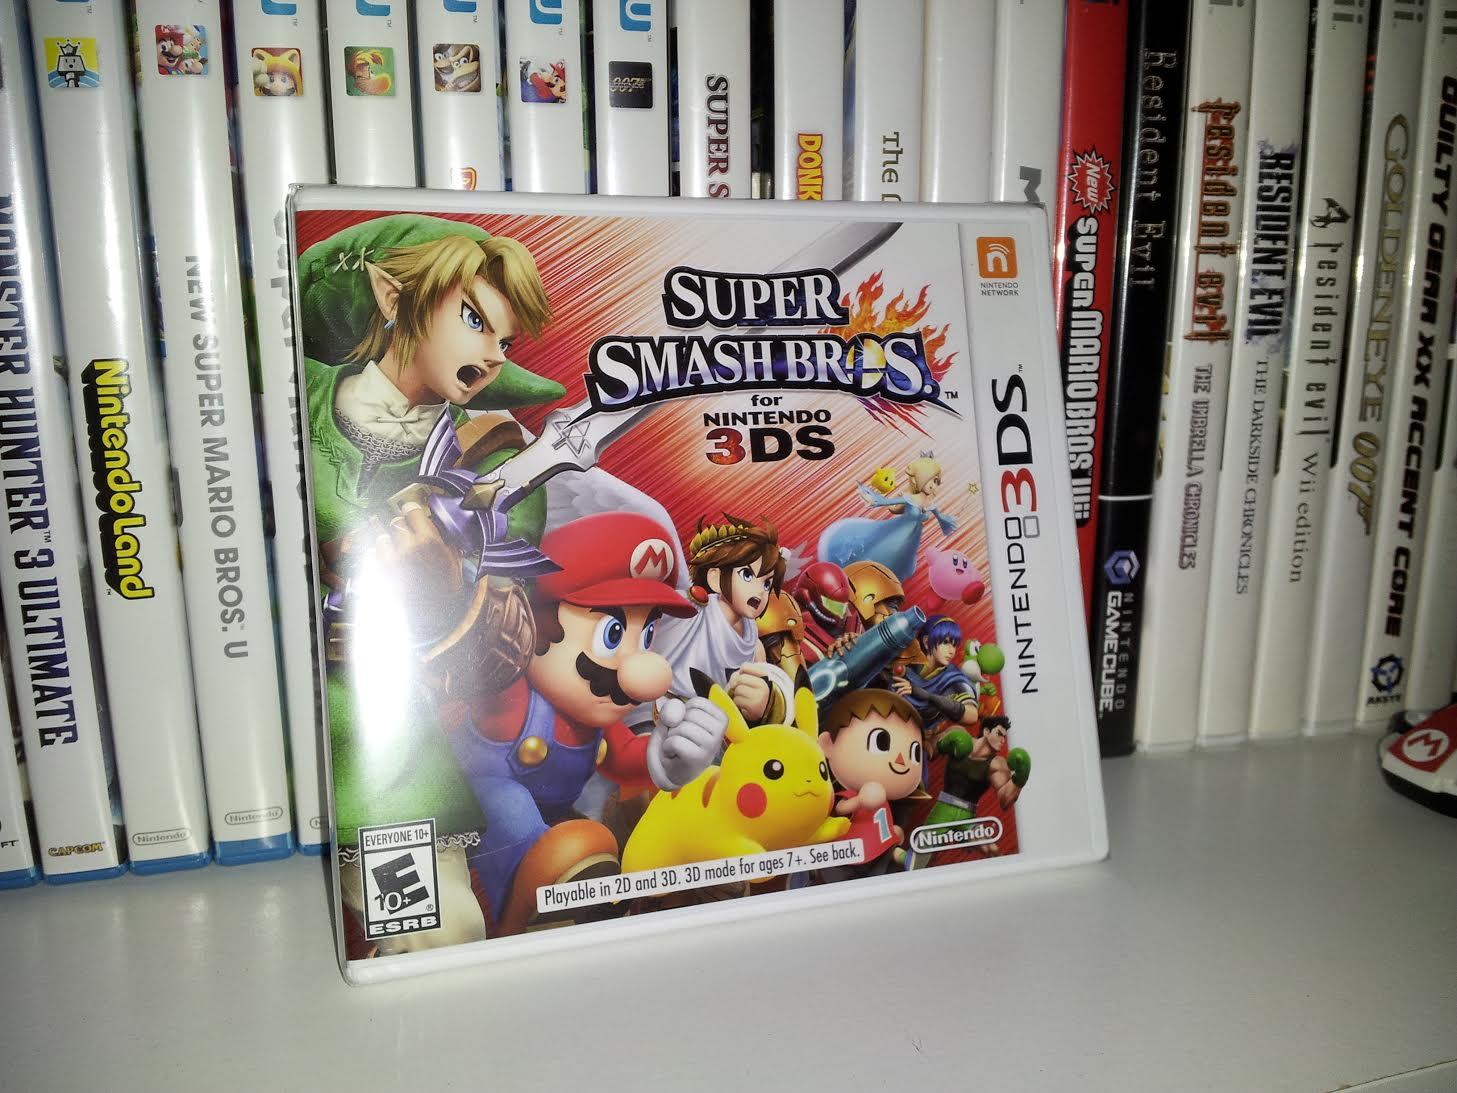 ...smash bros for nintendo 3DS...